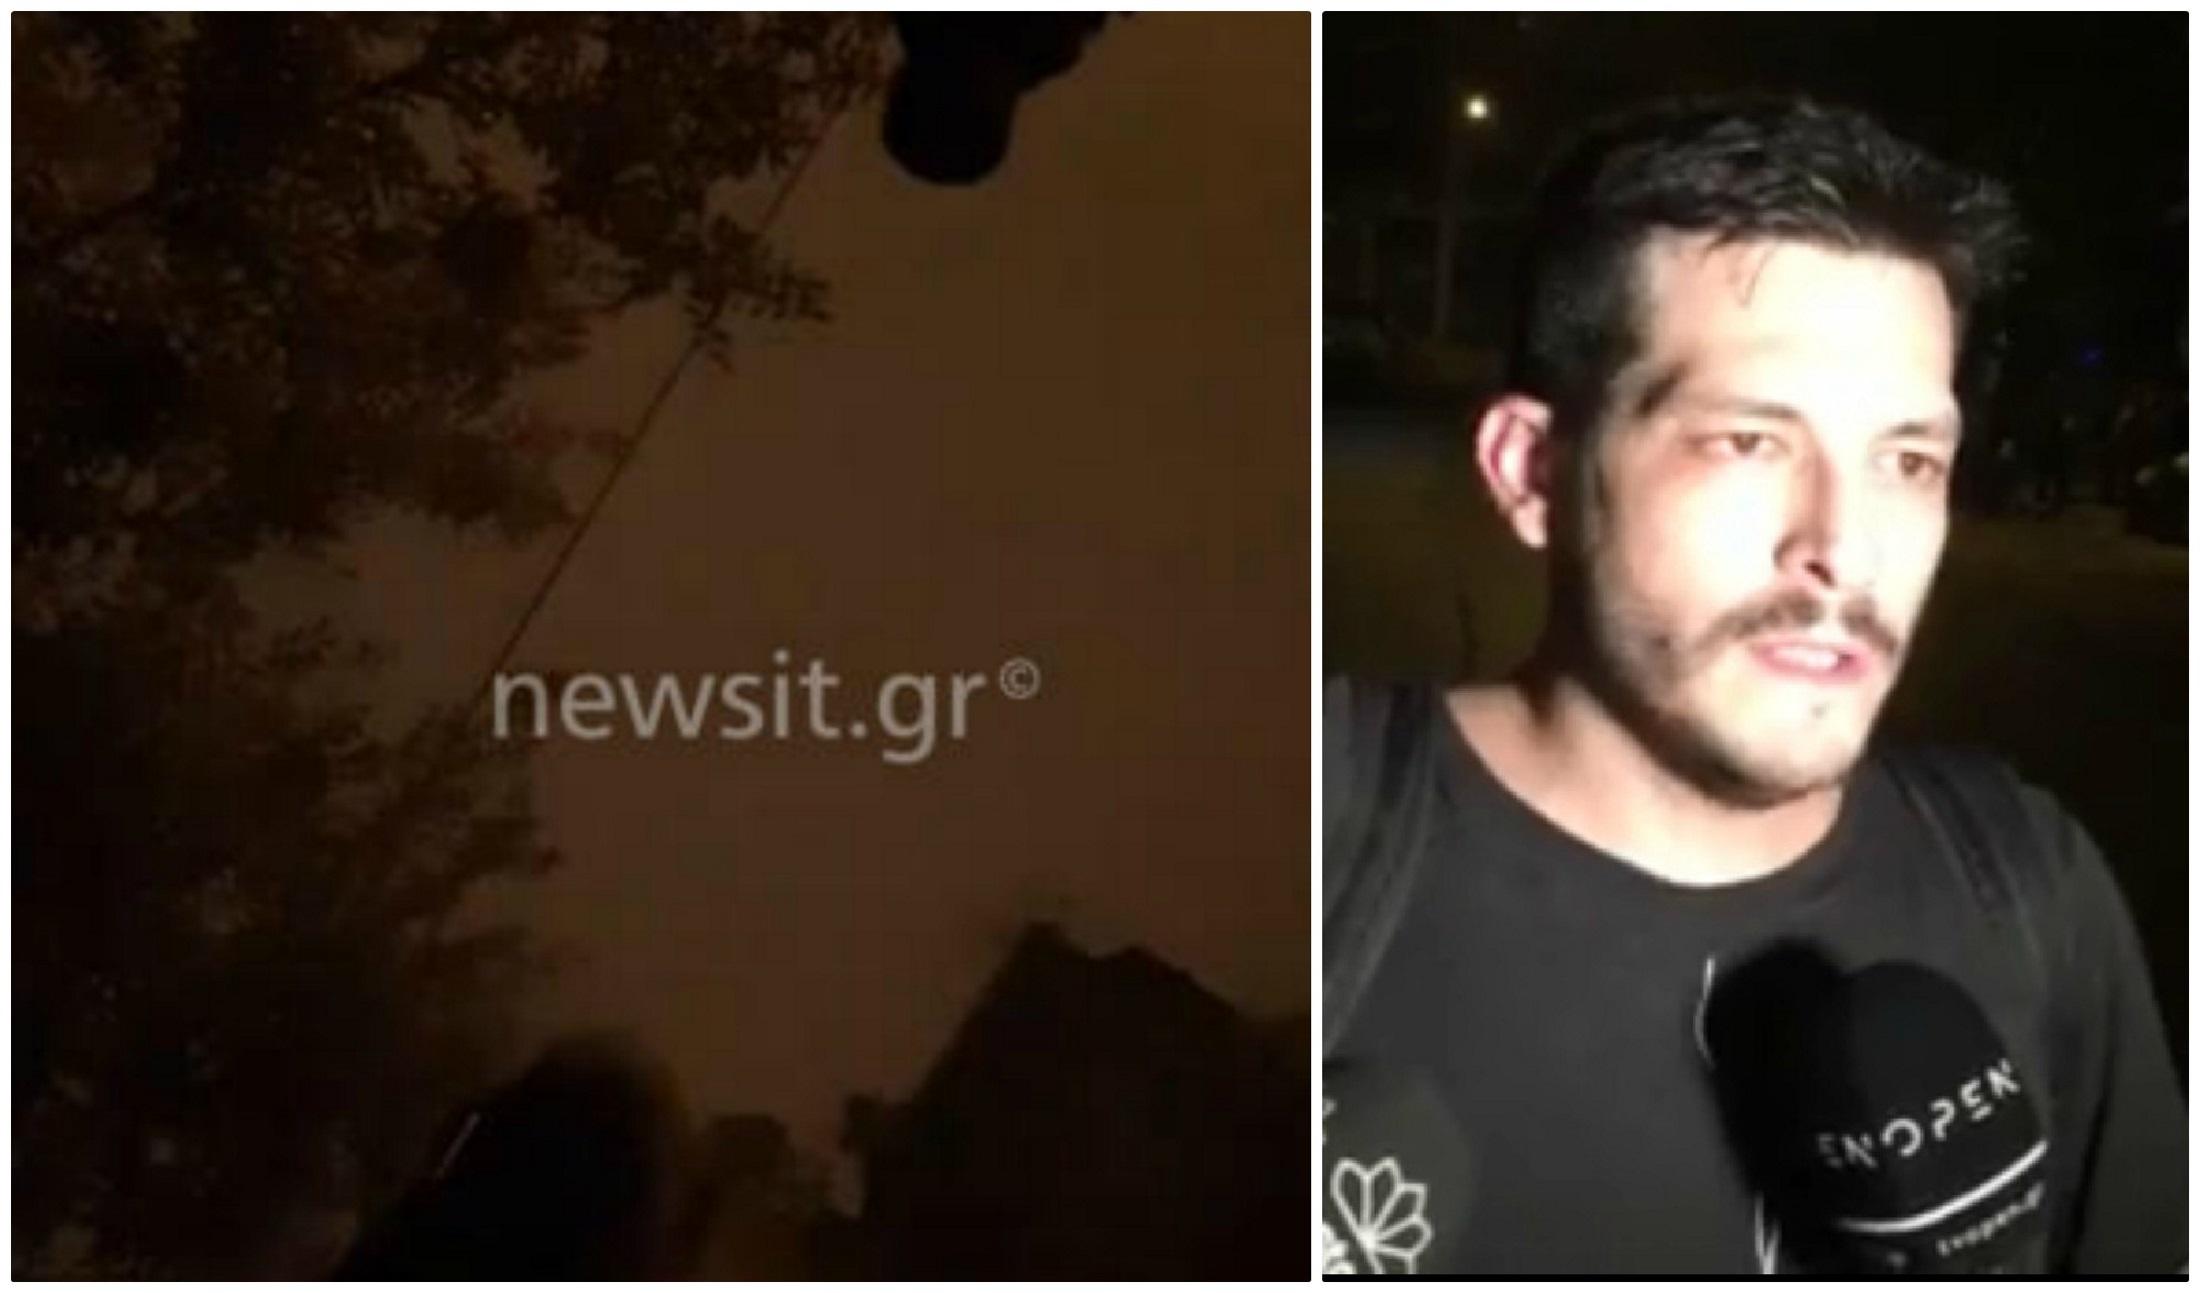 Επεισόδια Πολυτεχνείο: Επίθεση των ΜΑΤ σε ρεπόρτερ του newsit.gr – video